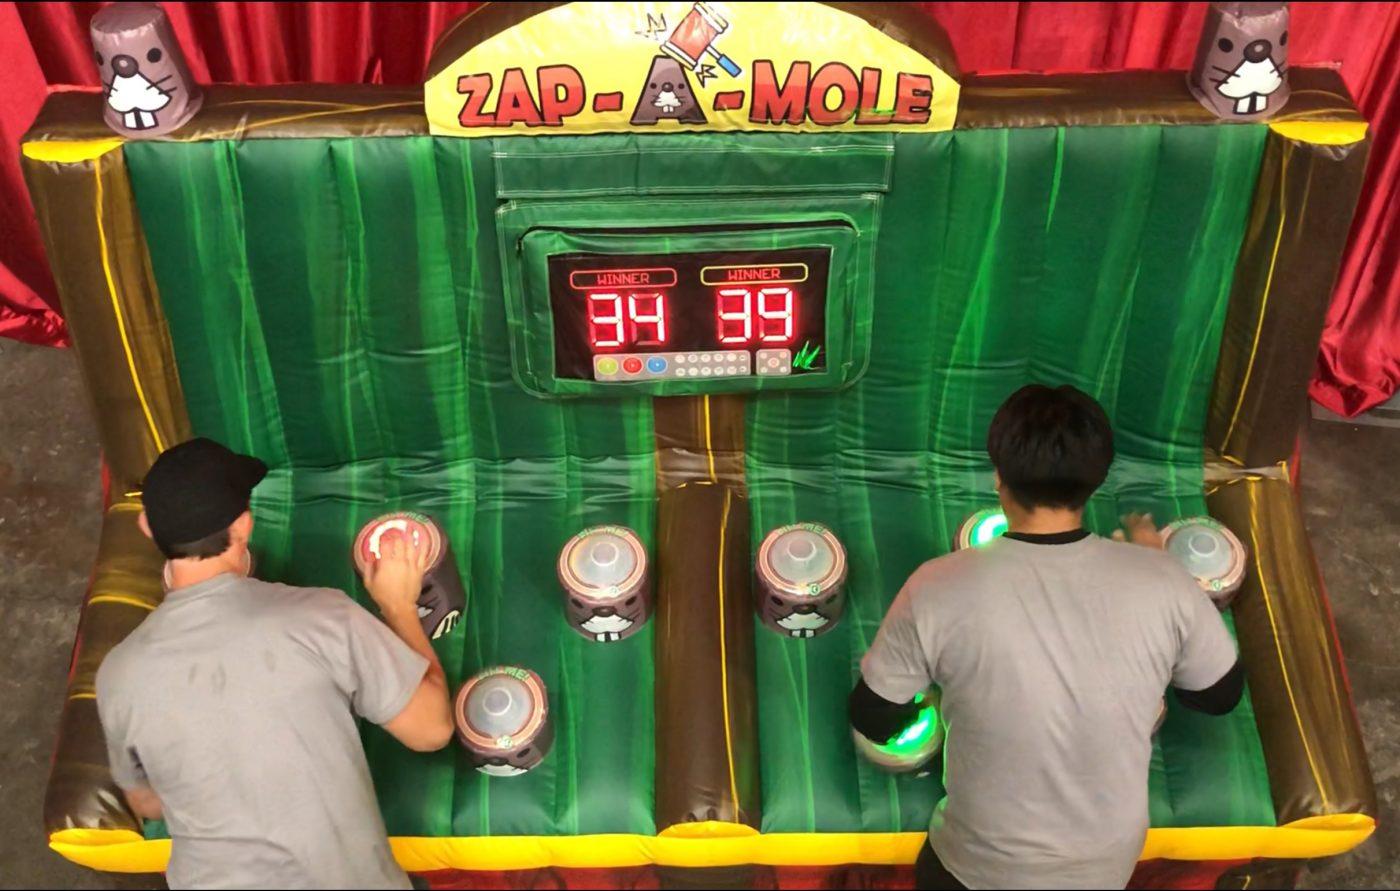 Classi Arcade Game Rentals San Francisco